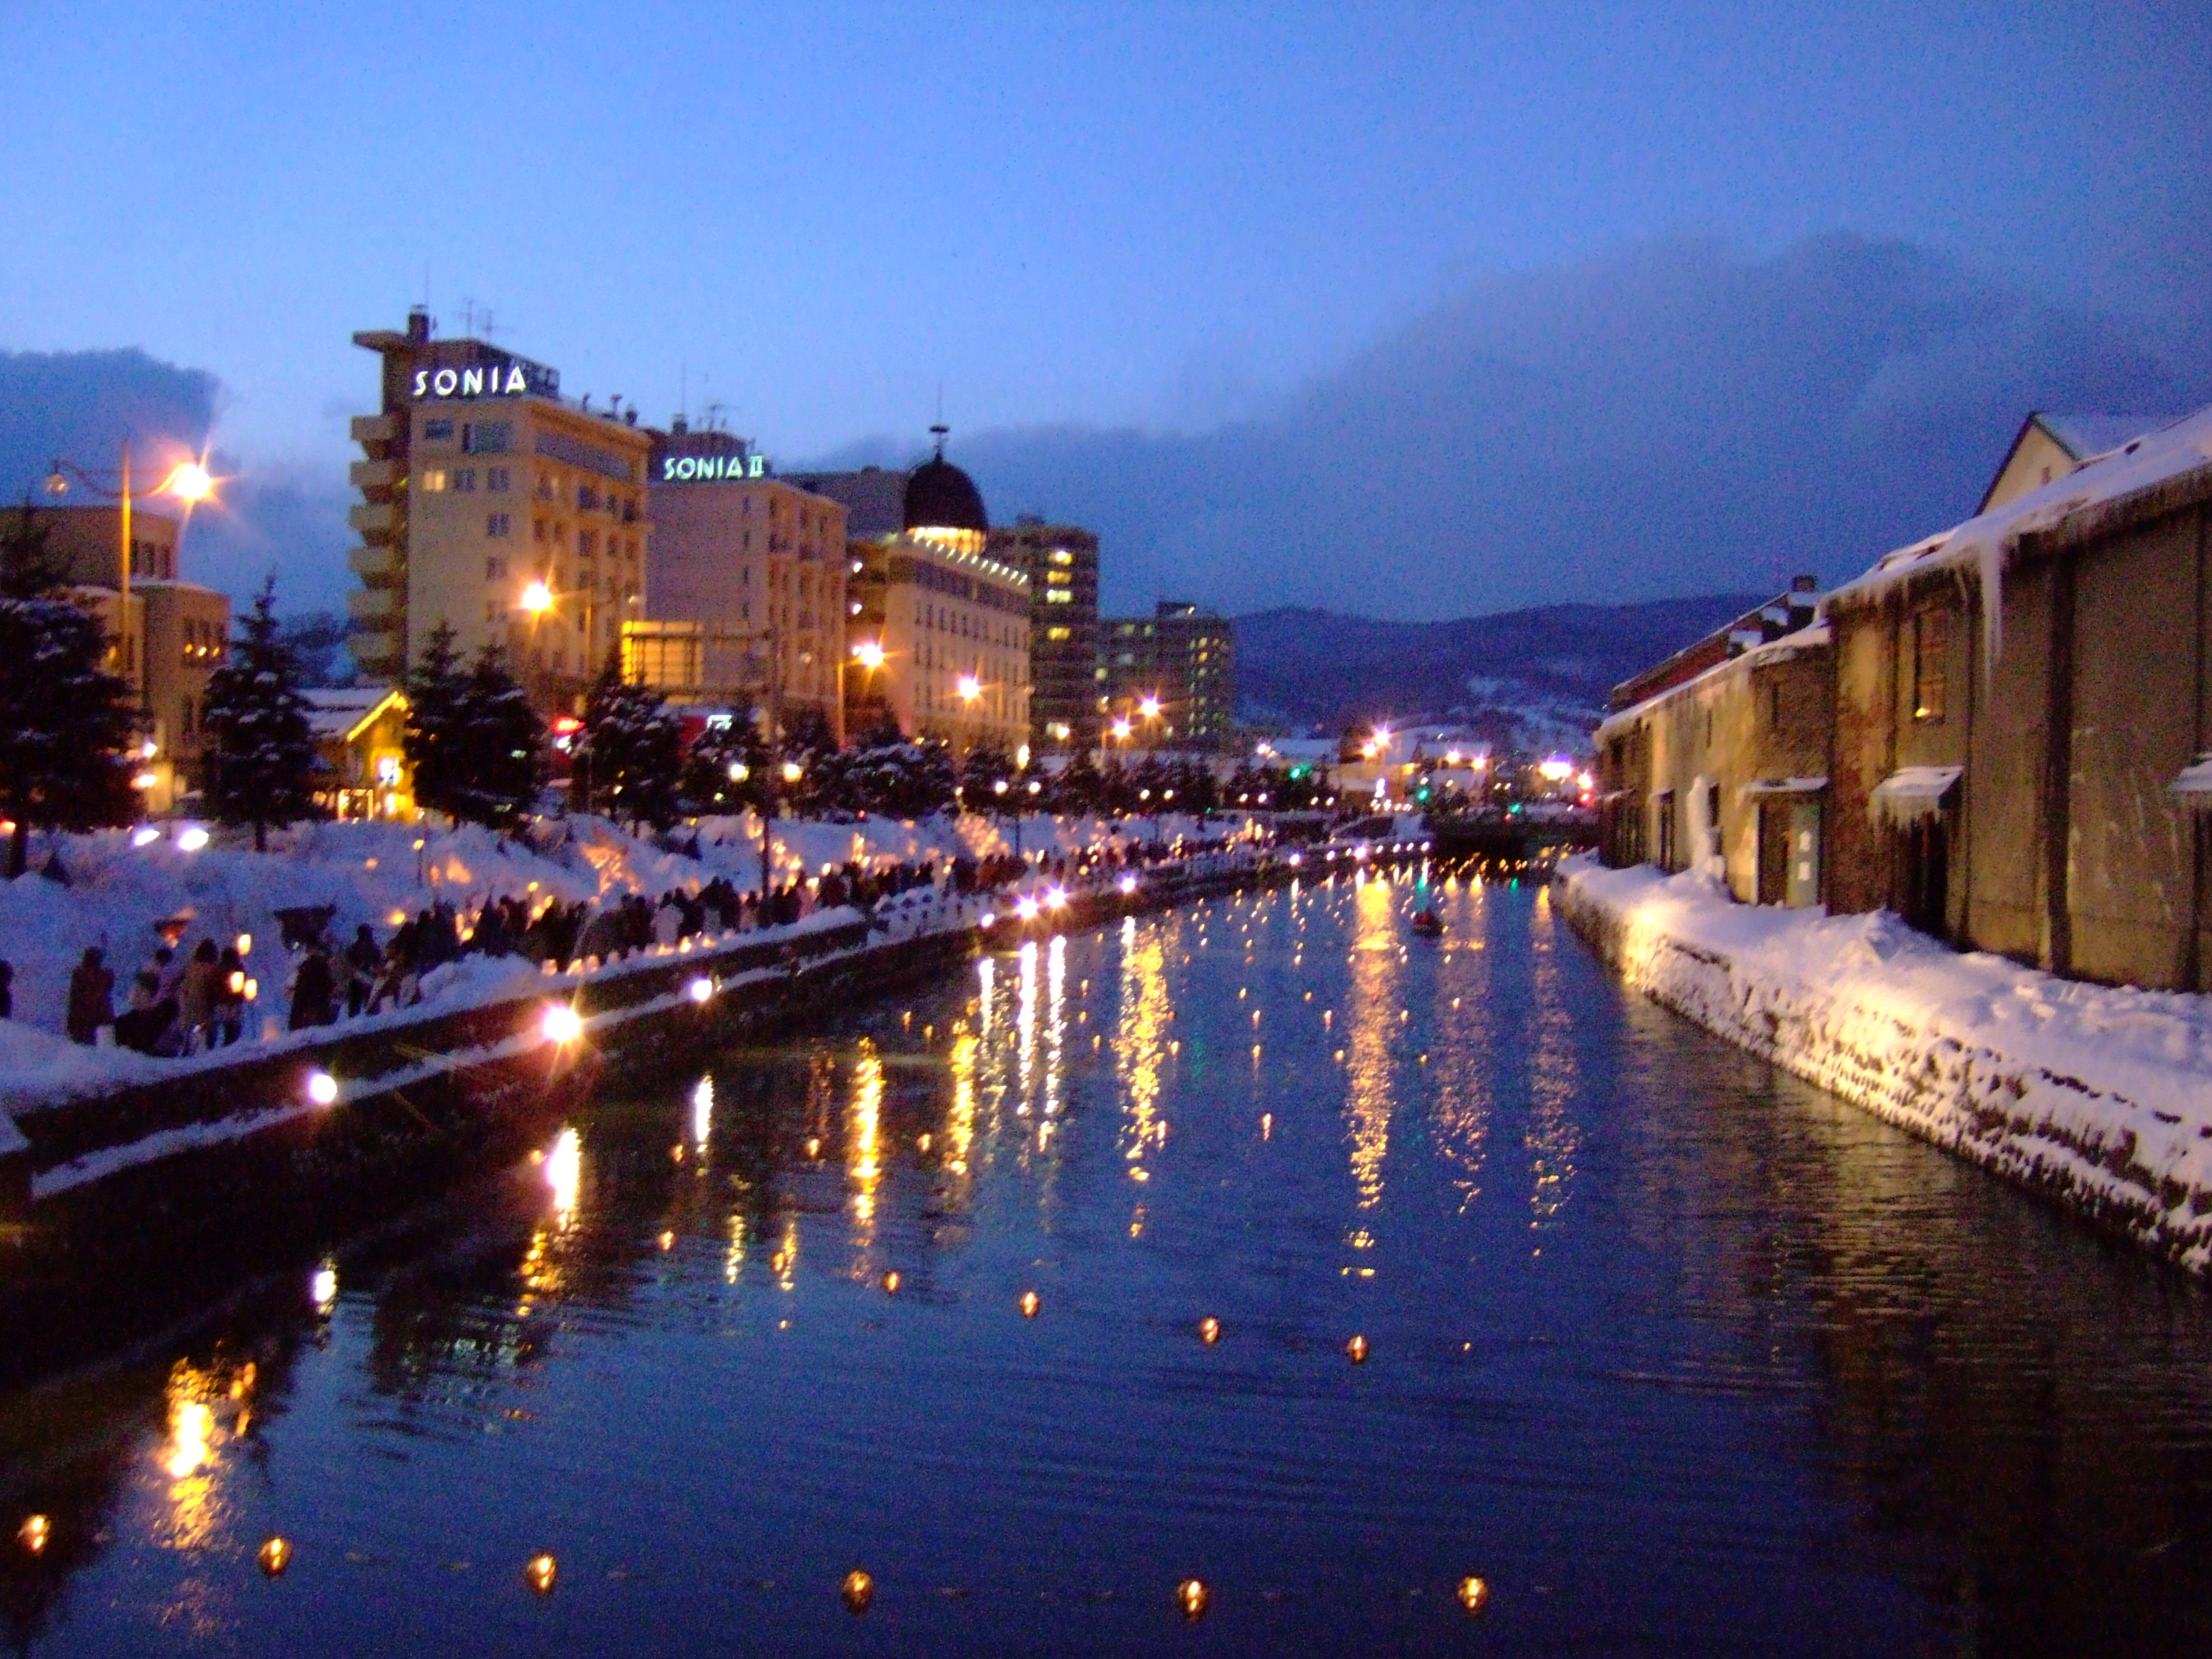 北海道で女のひとり旅おすすめプランまとめ!人気スポットやグルメあり!